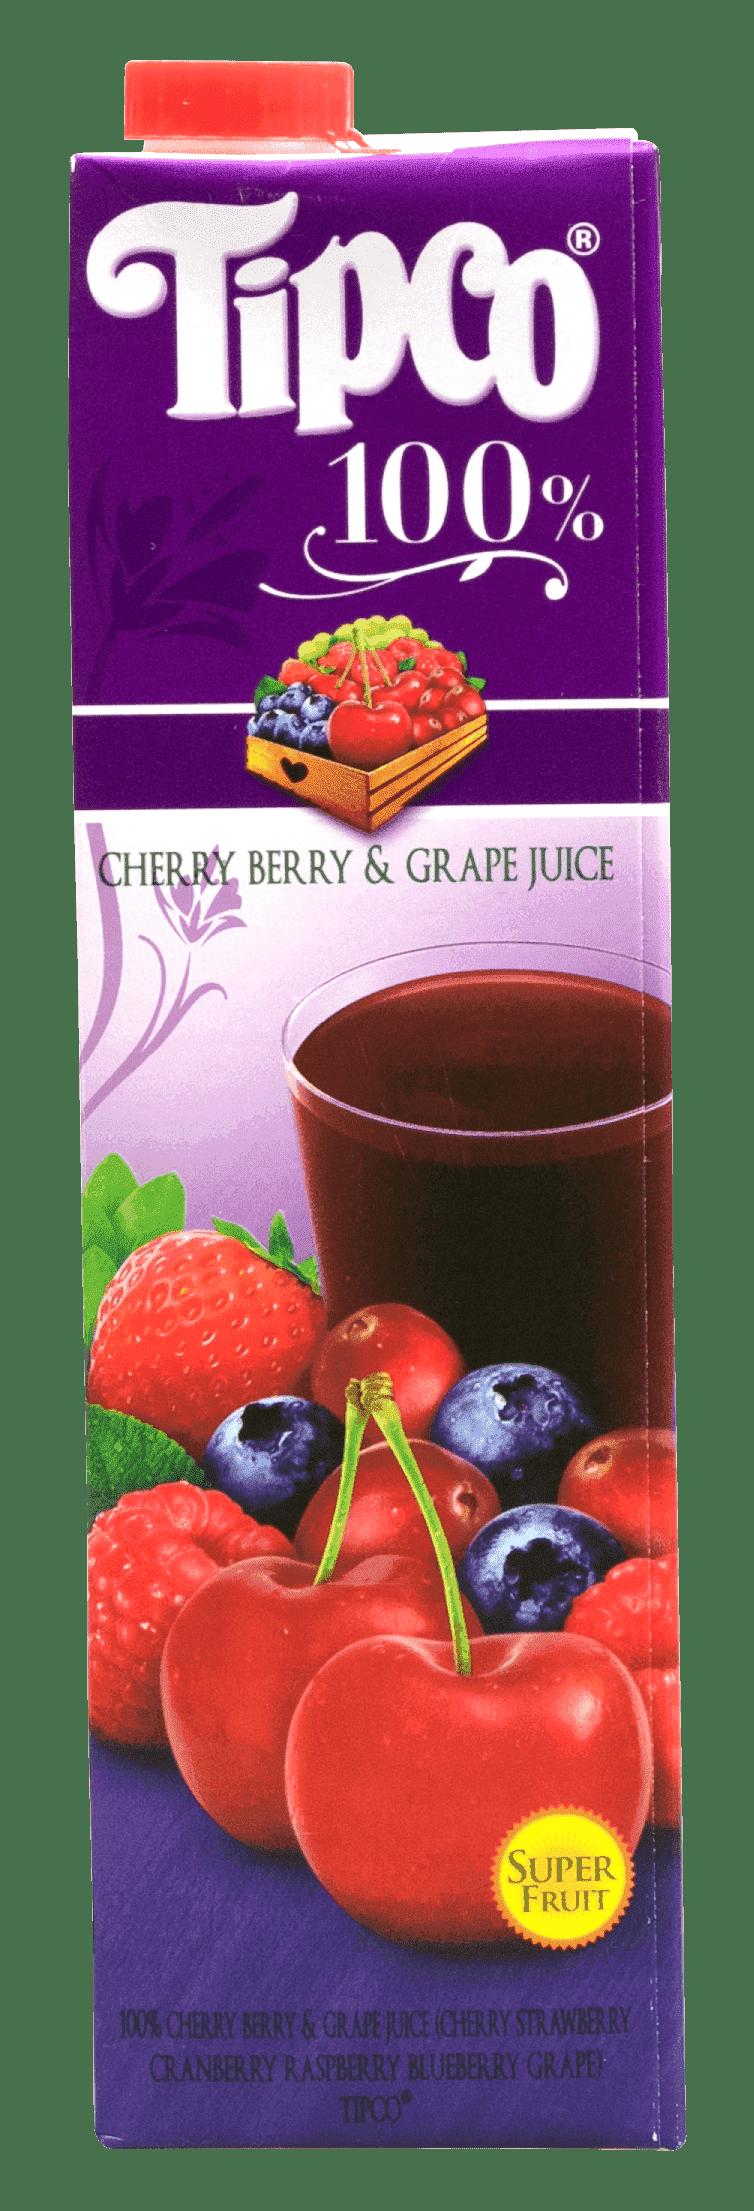 Tipco 100% Cherry Berry & Grape Juice